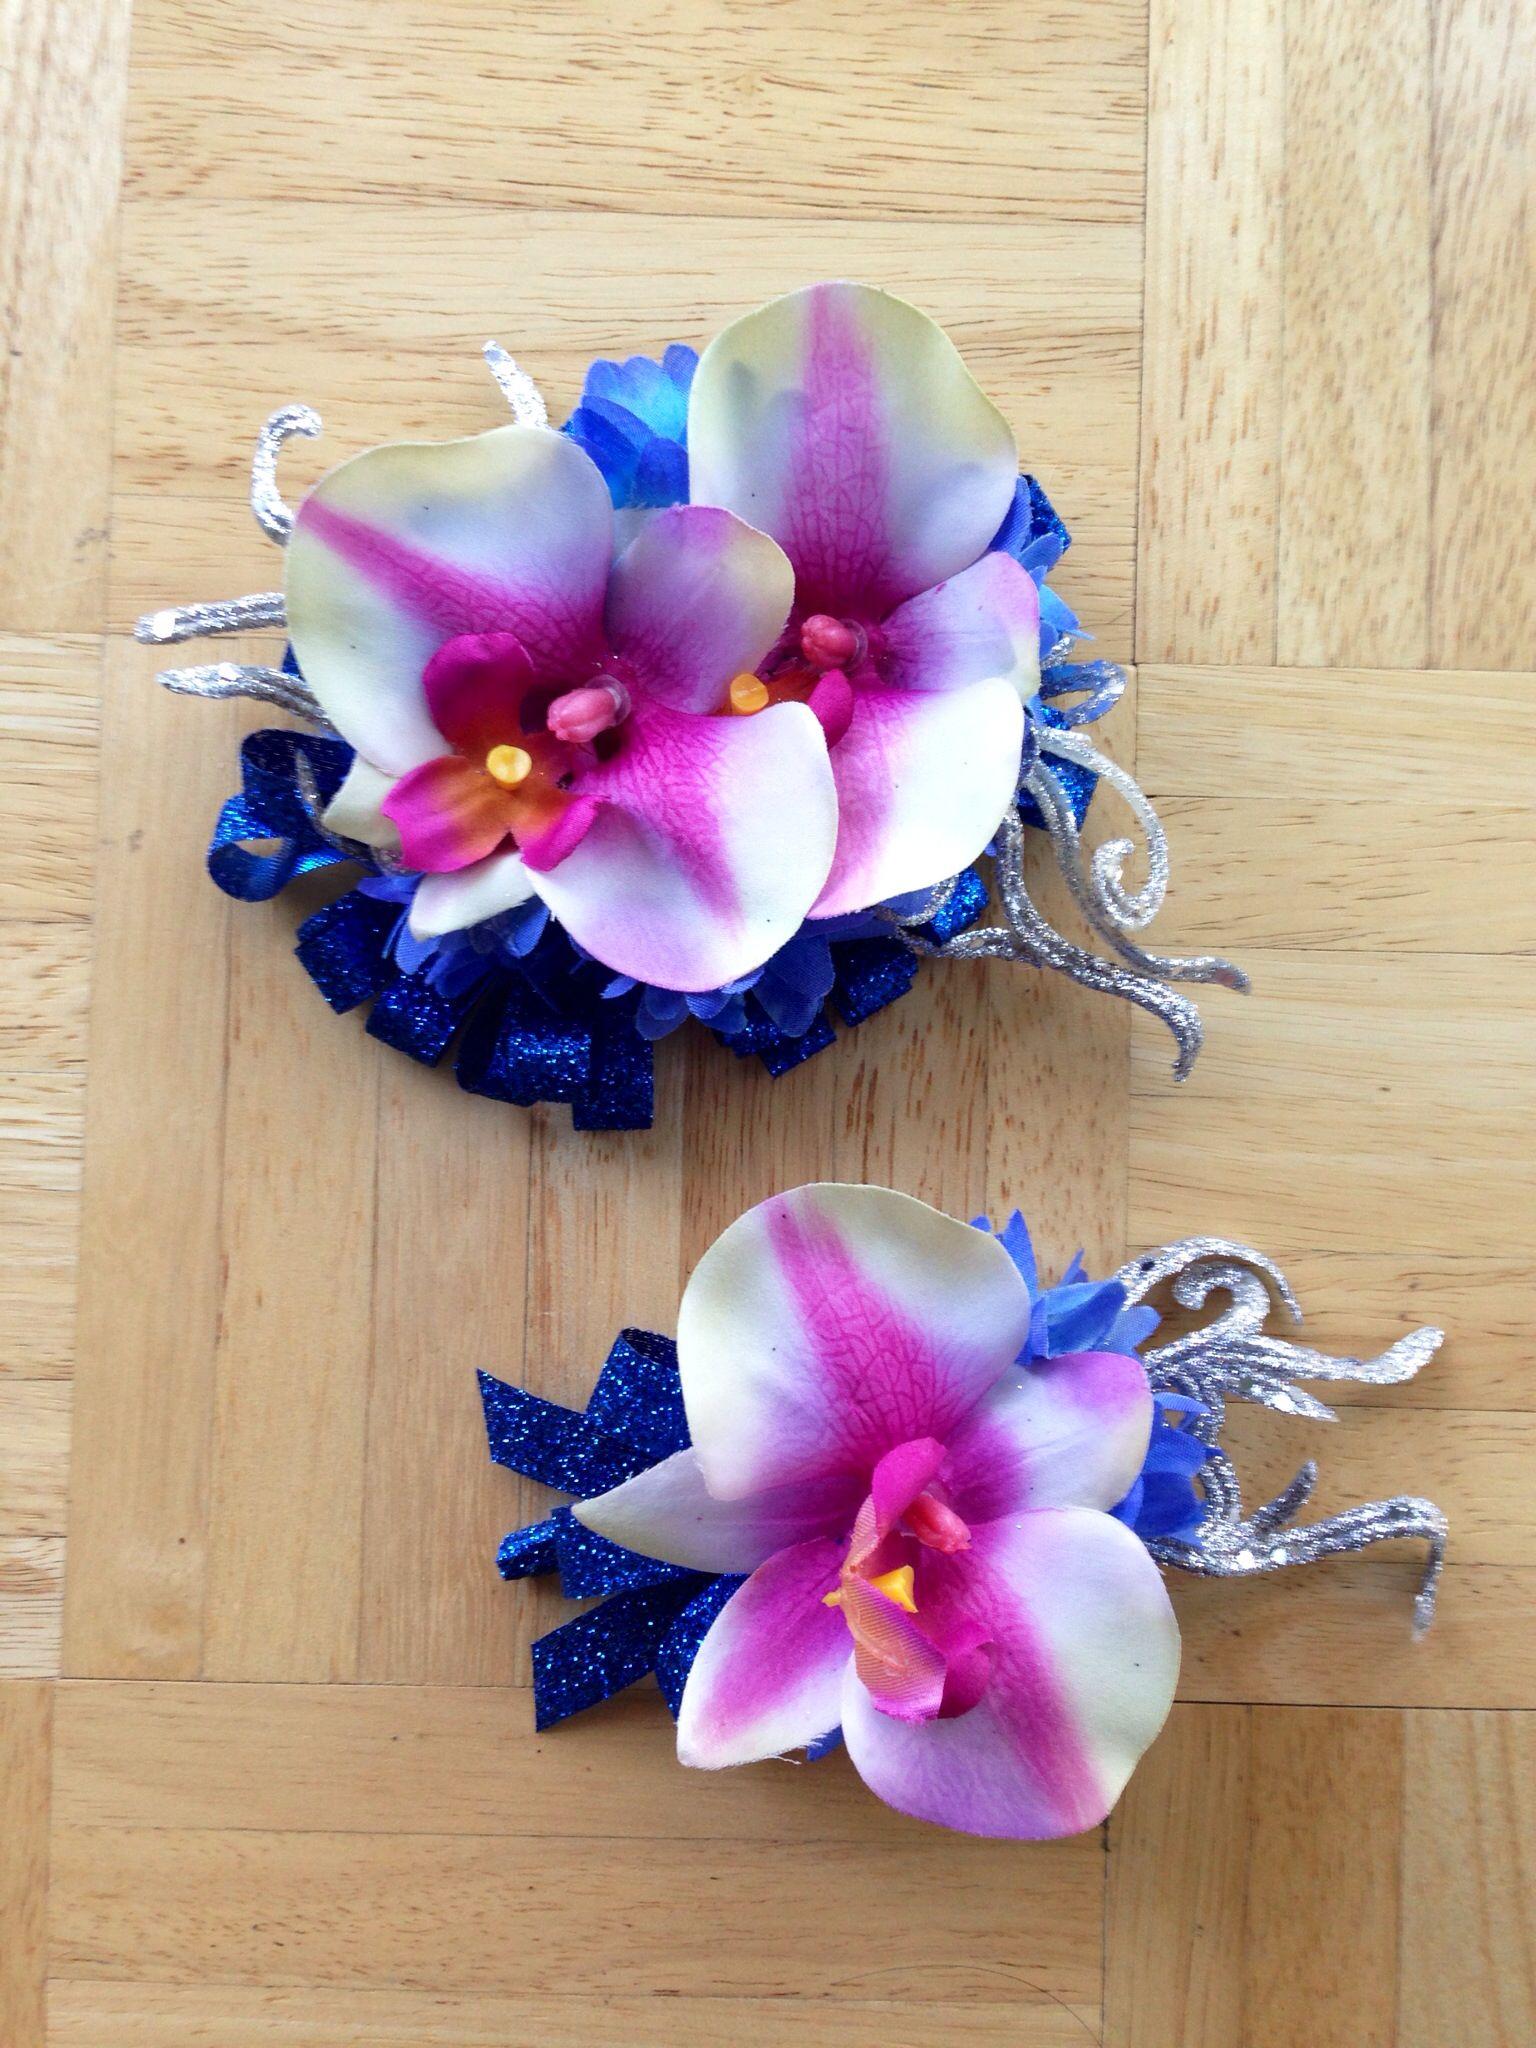 Diy artificial orchid promformaldance corsage and boutonnière